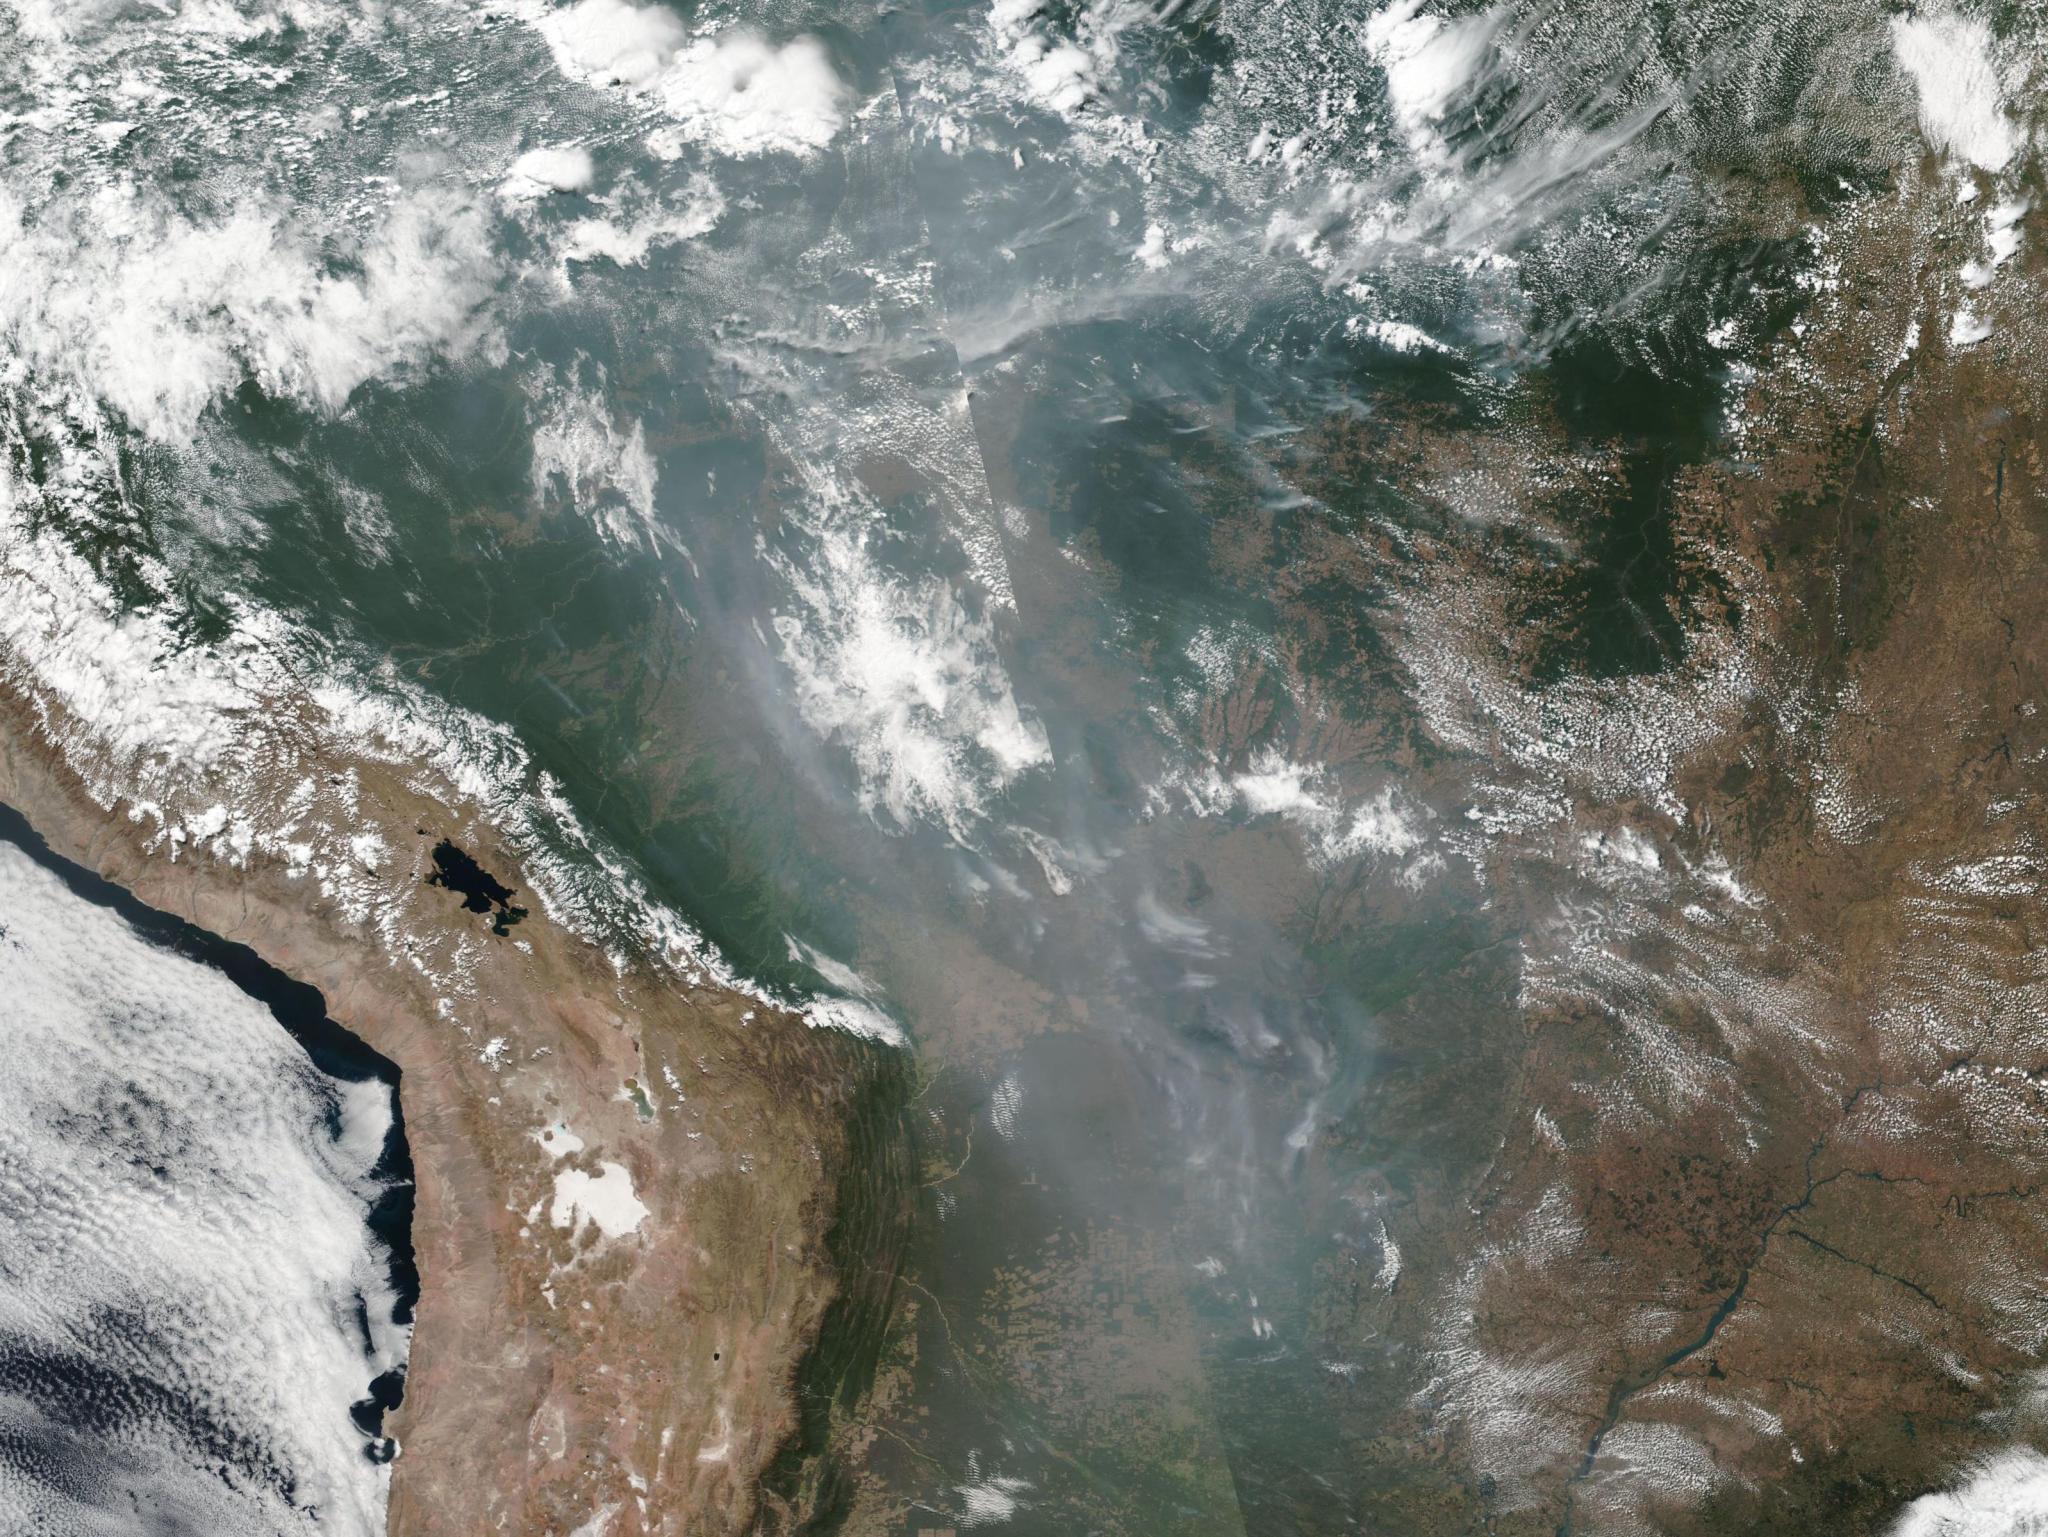 Zdjęcie satelitarne pożarów nad Brazylią, zrobione 20 sierpnia